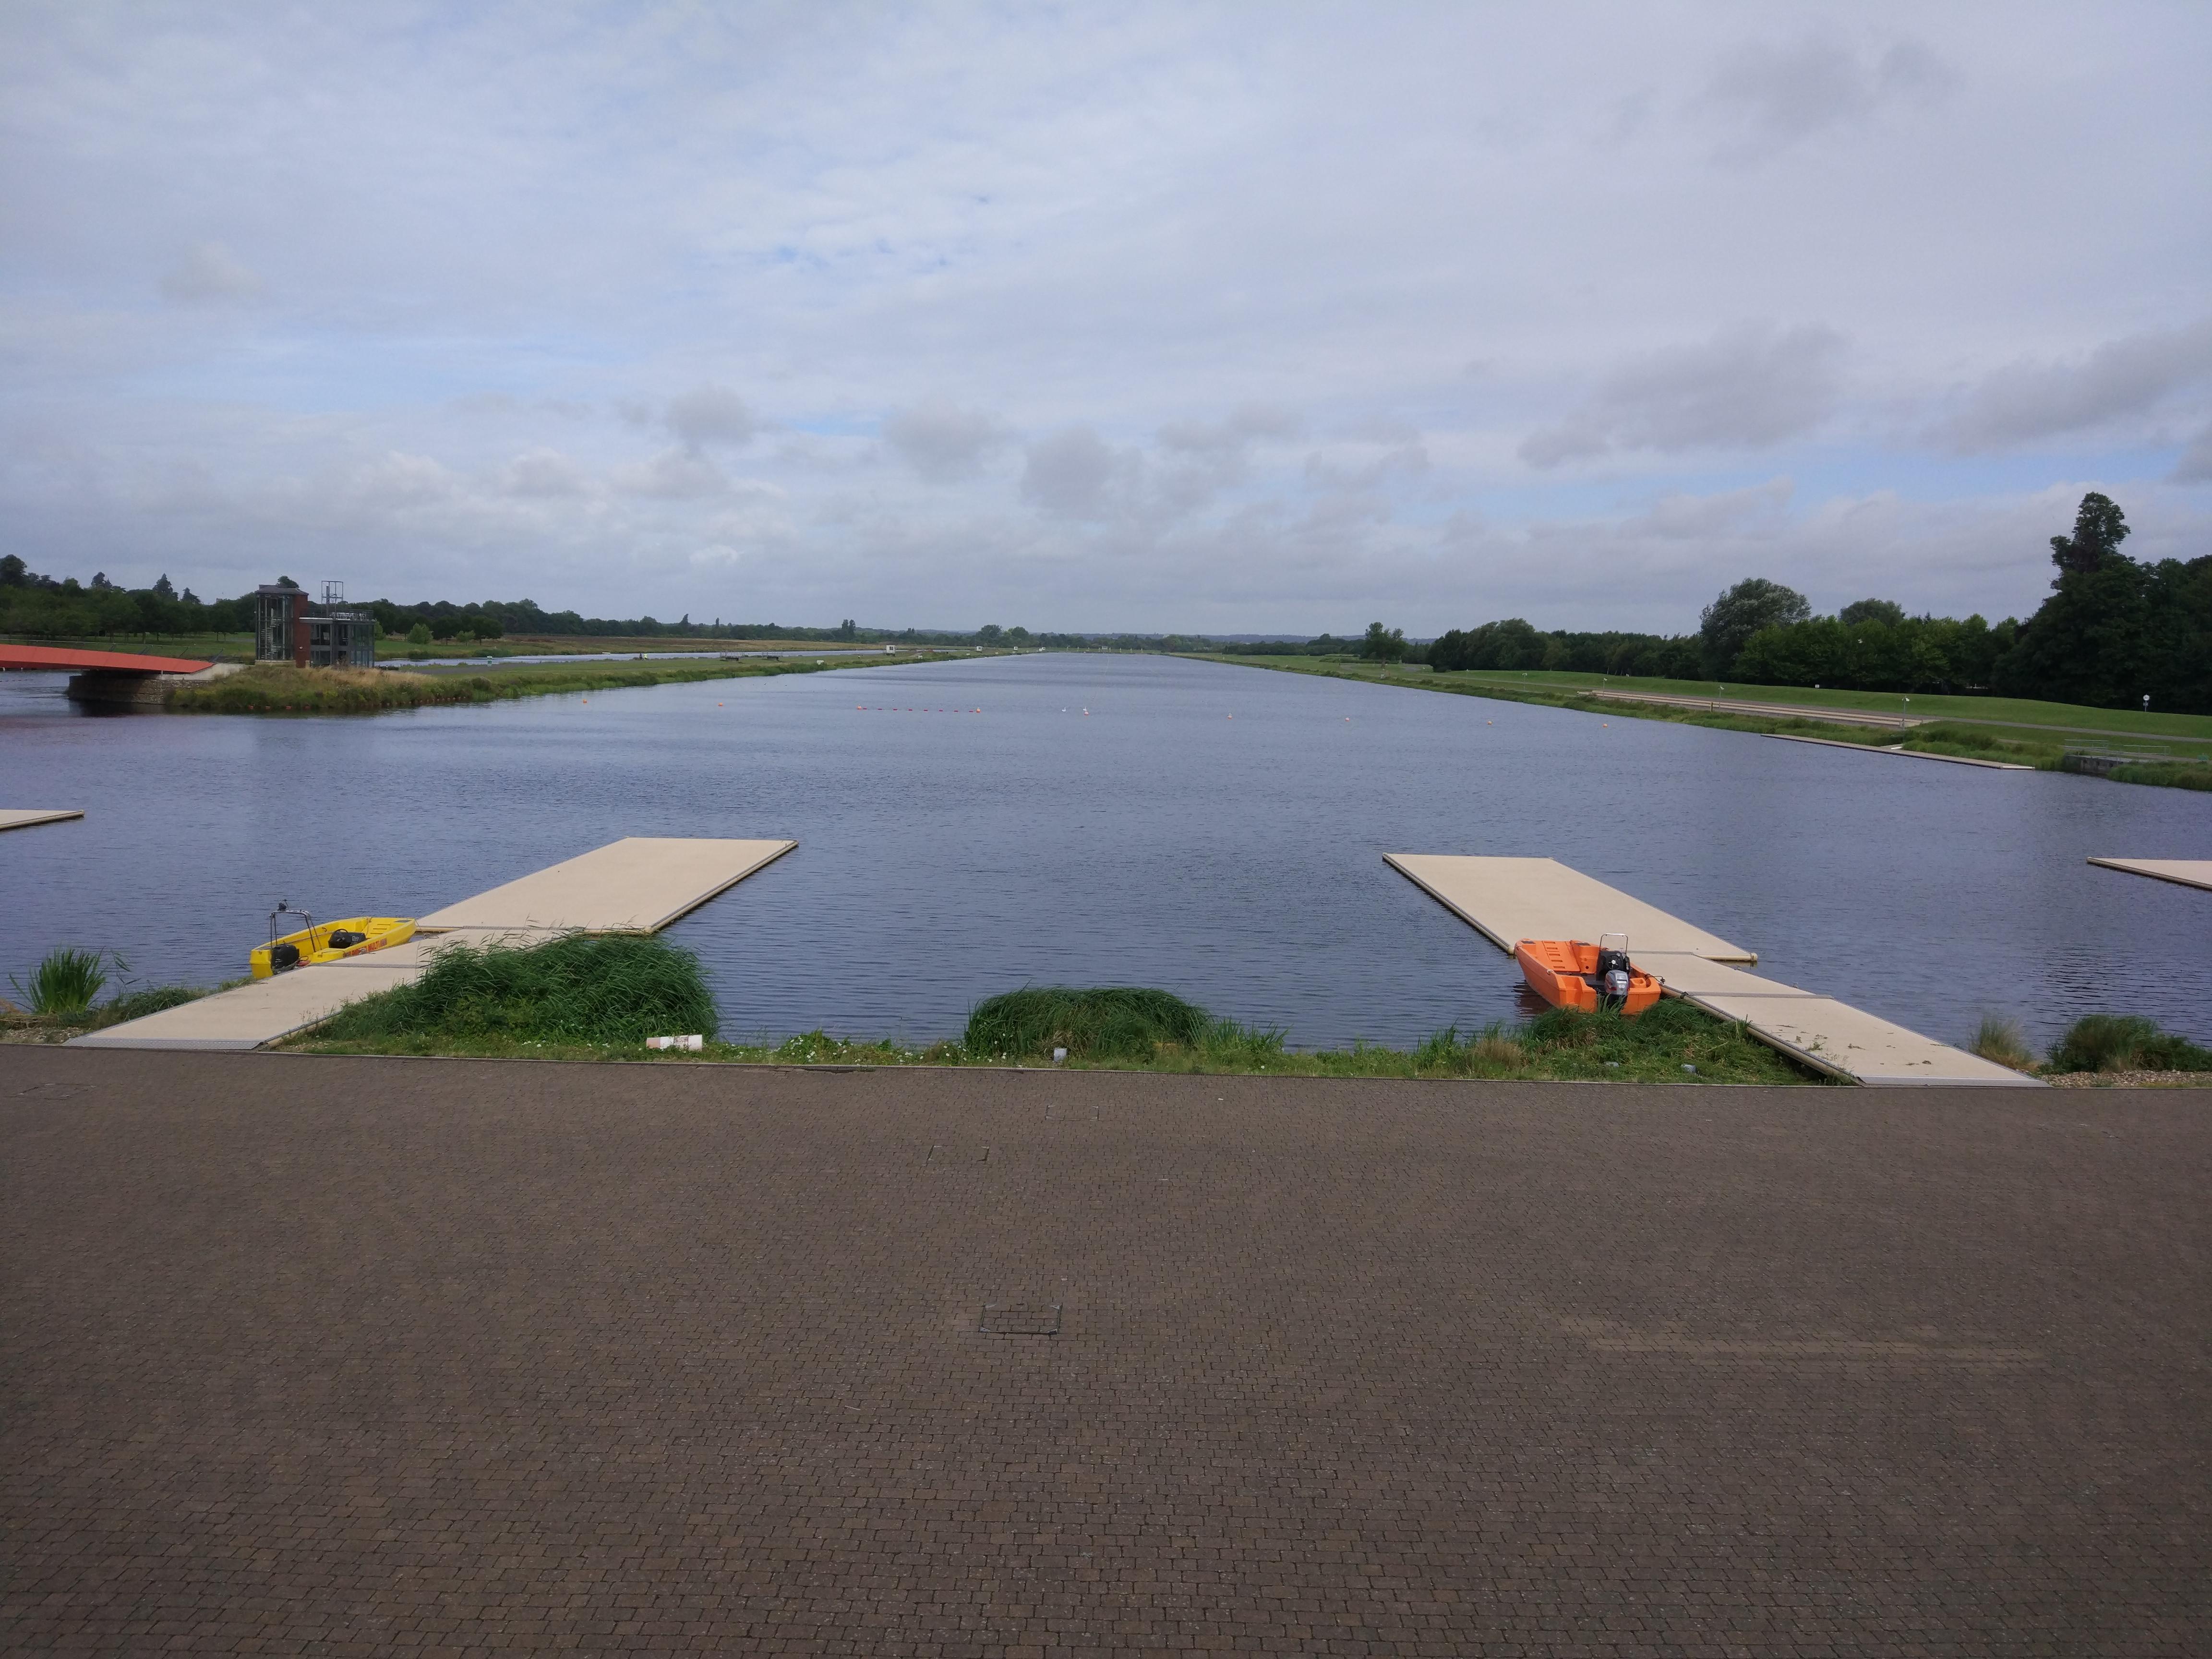 Eton Rowing Lake